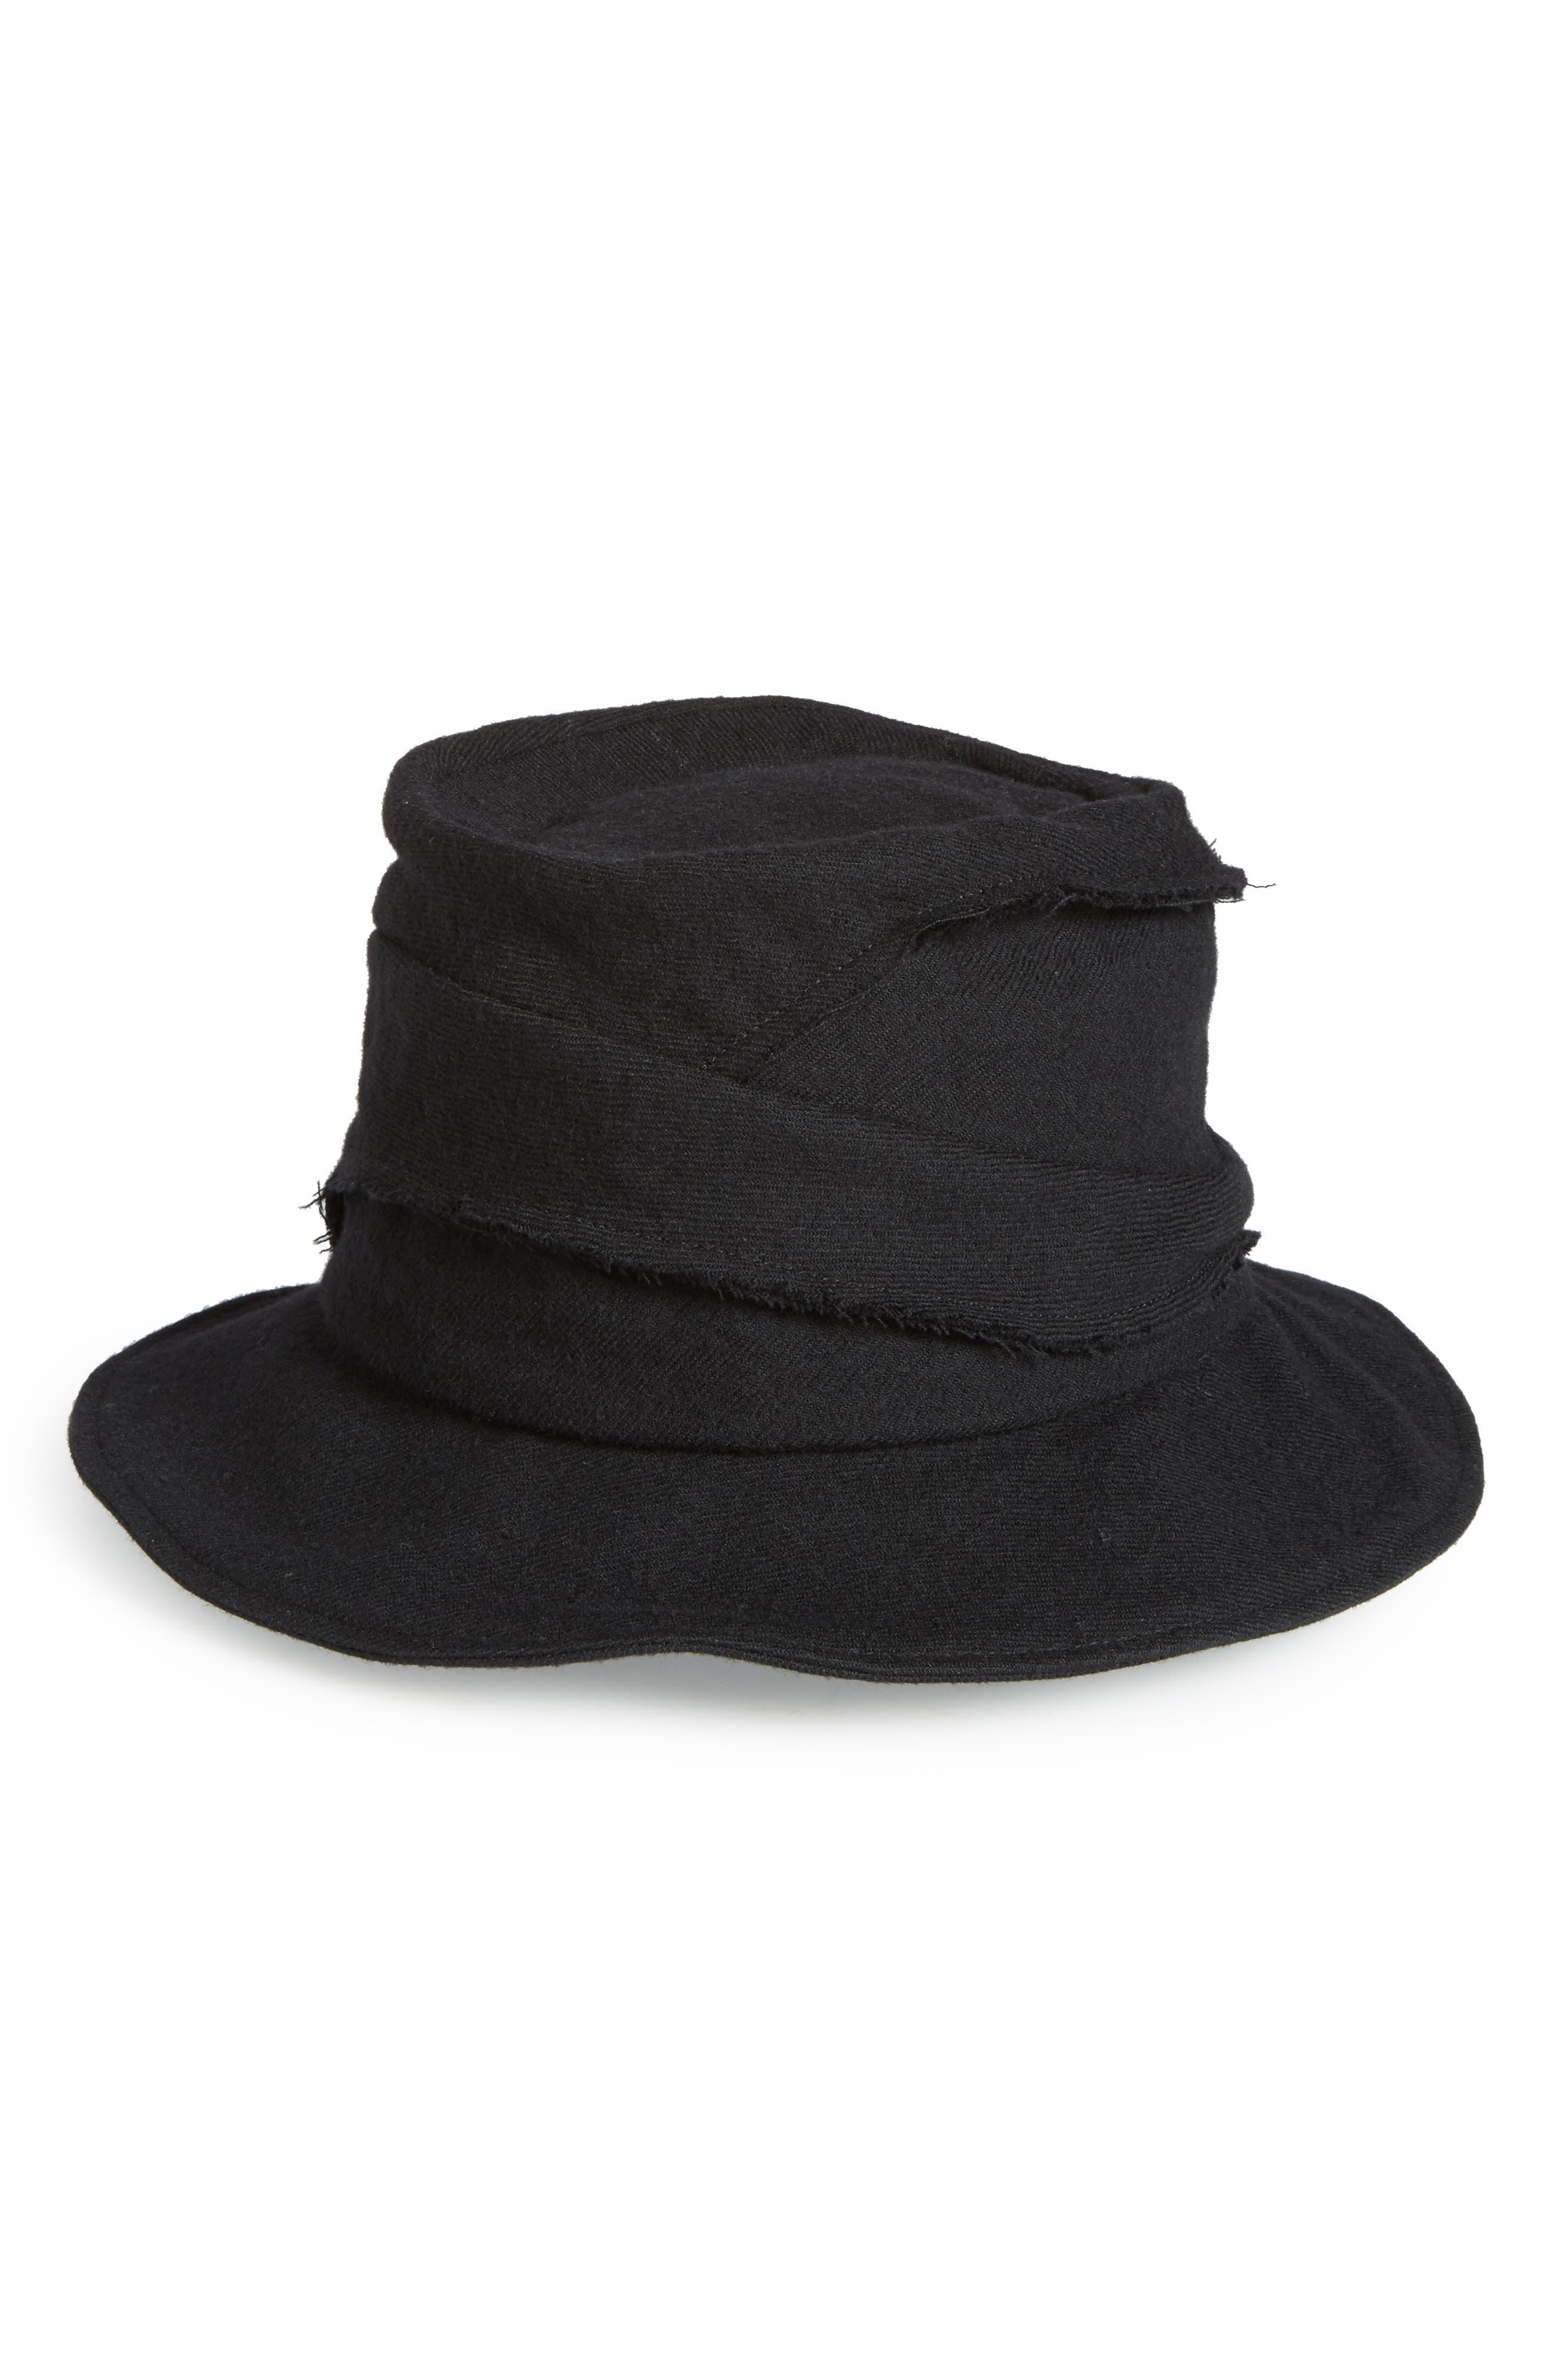 YS BY YOHJI YAMAMOTO Layered Wool Hat